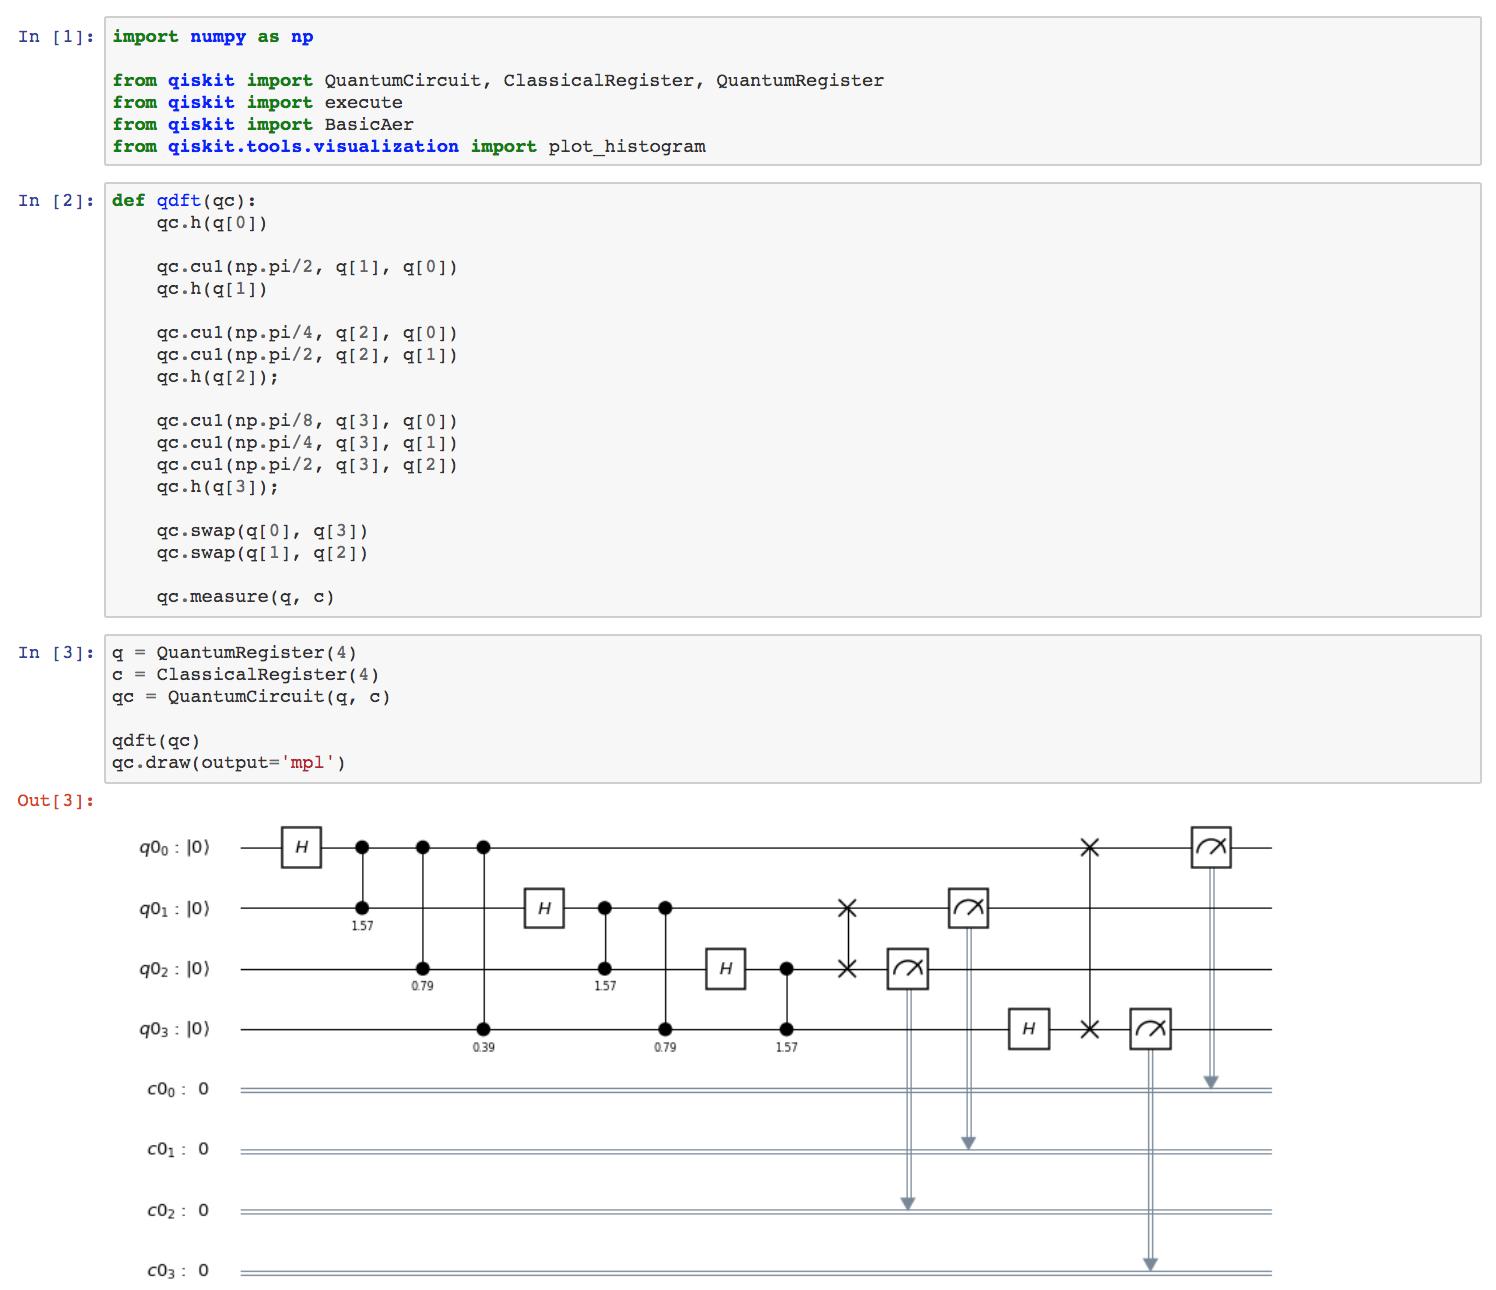 Kod źródłowy w Pythonie, uruchomiony na komputerze kwantowym (narzędzie Jupyter)